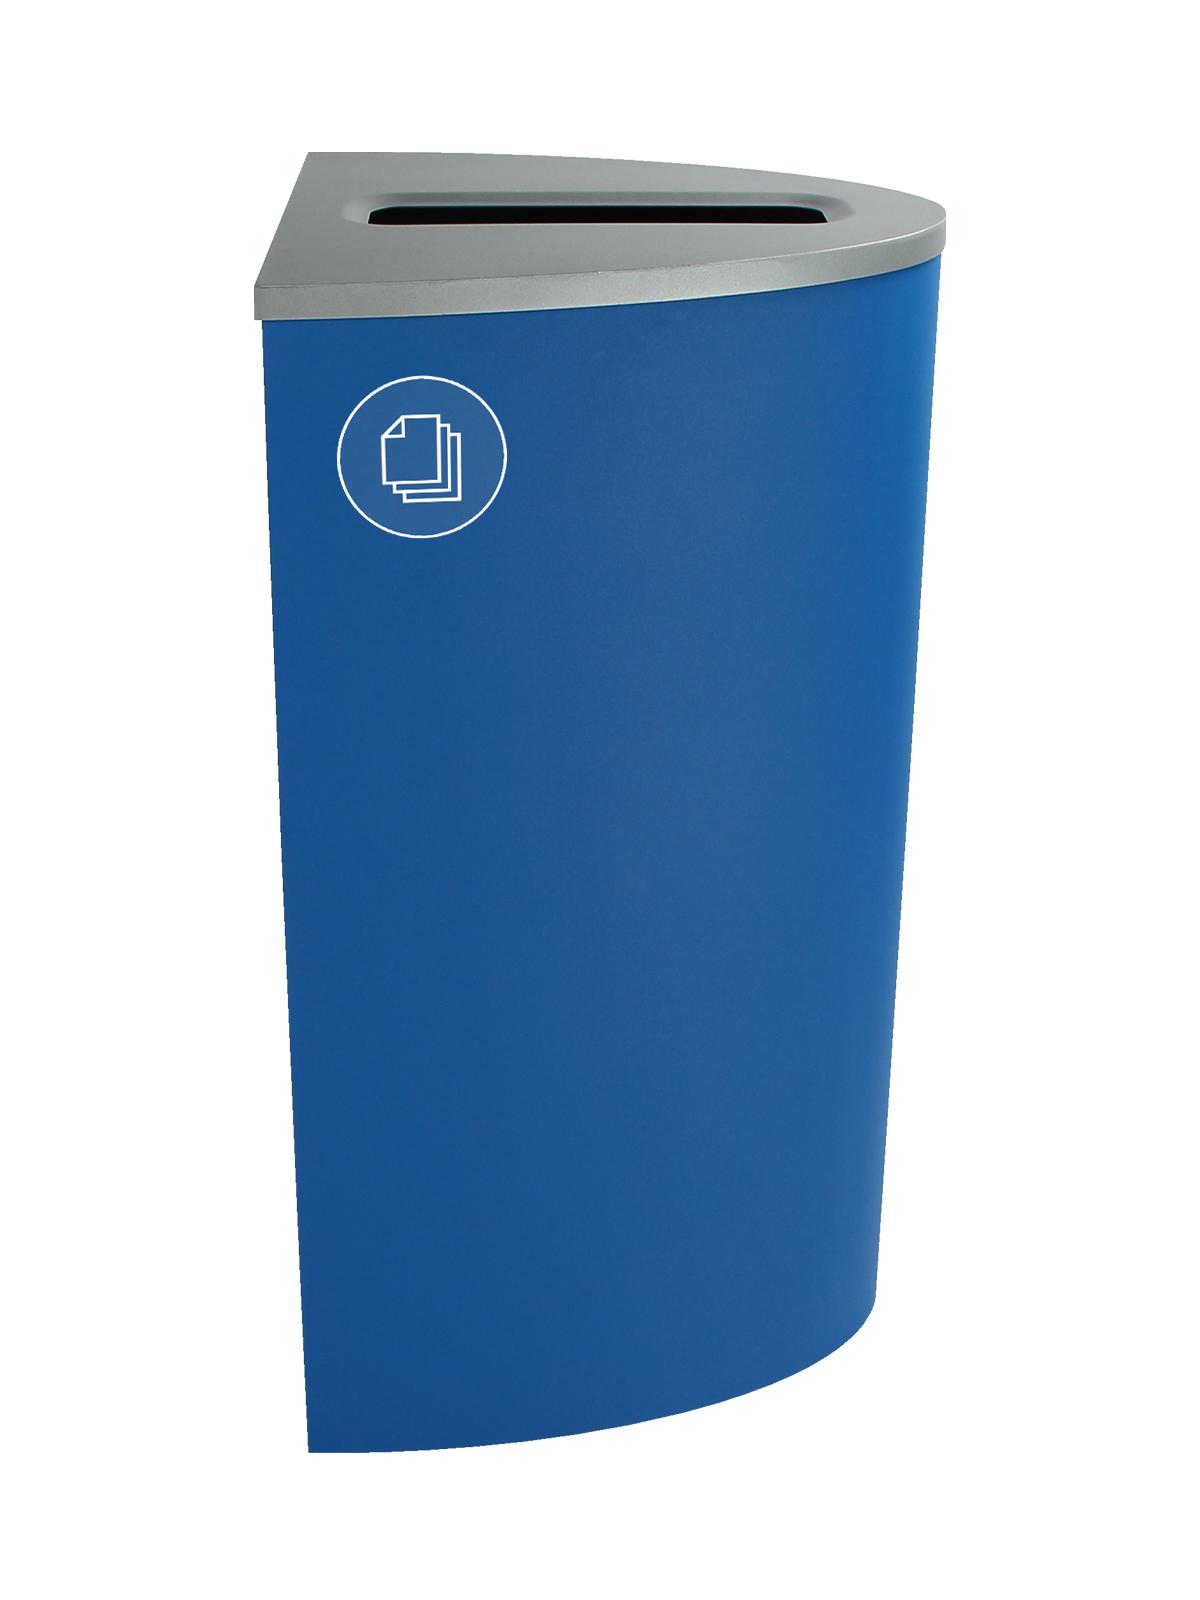 SPECTRUM - Single - Ellipse - Paper - Slot - Blue